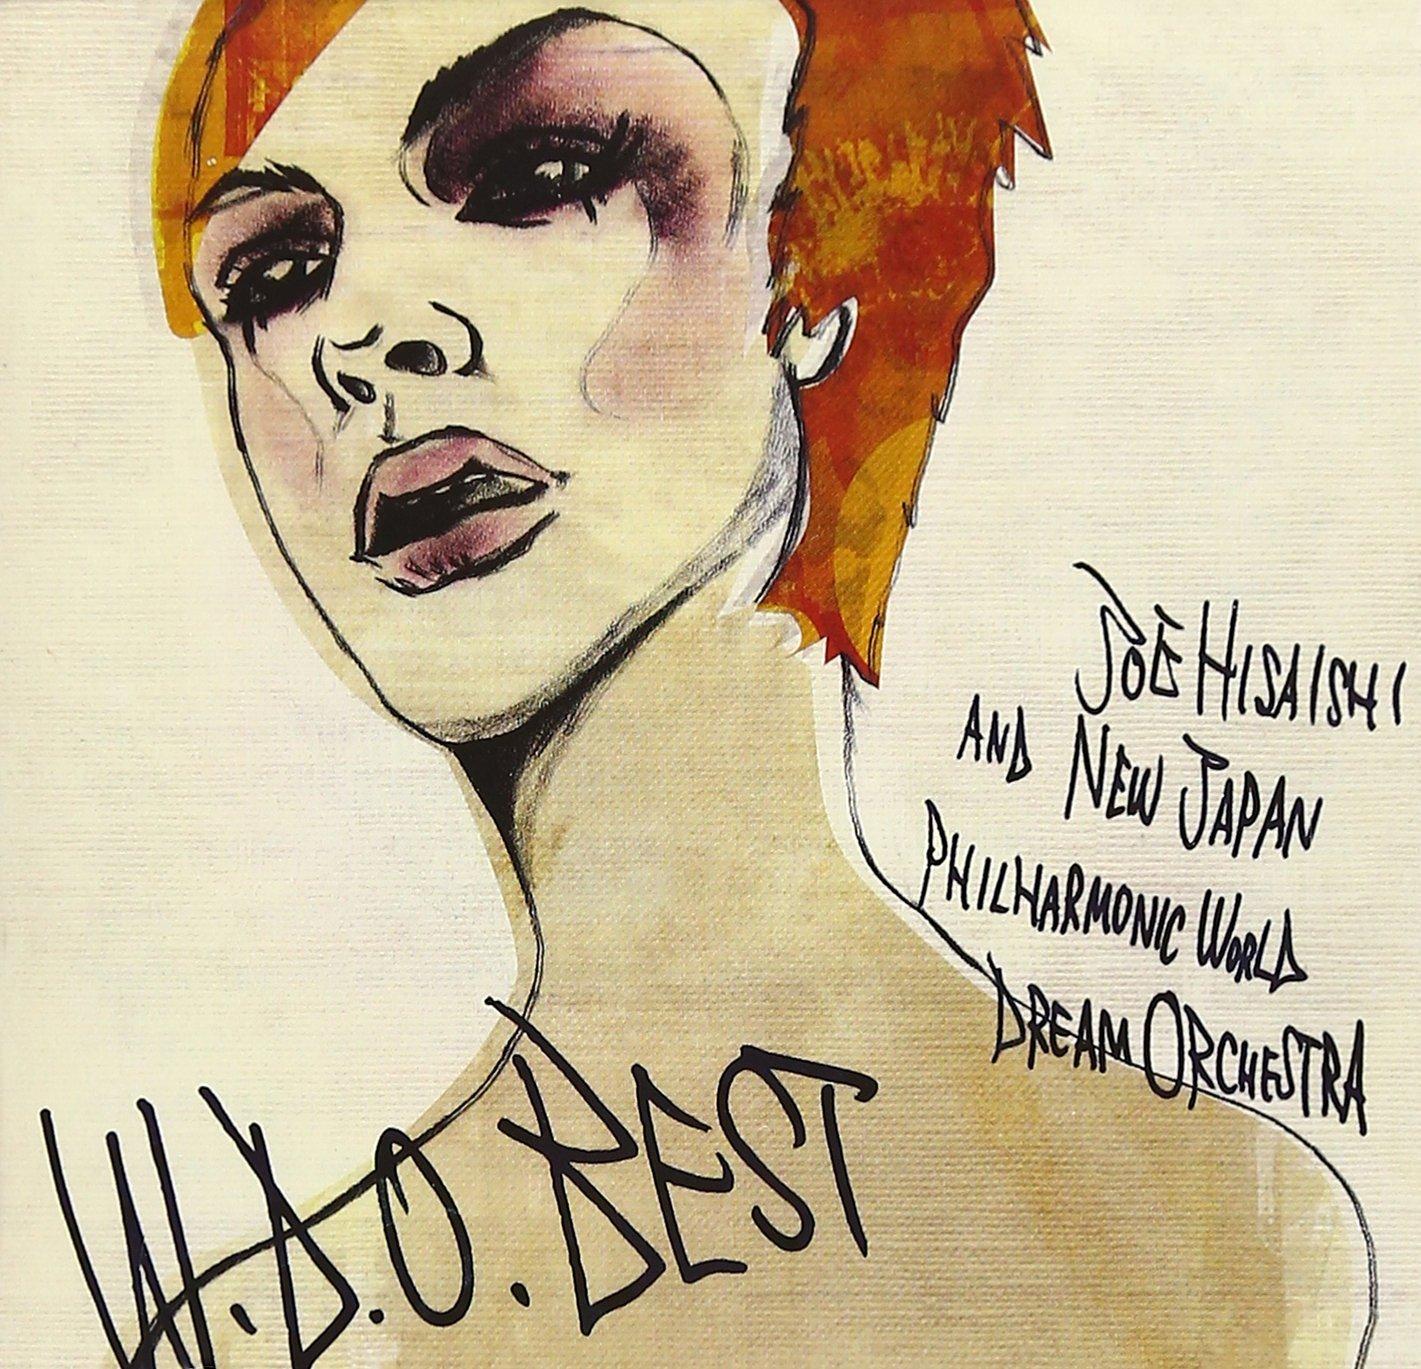 『W.D.O. BEST』久石譲&新日本フィル・ワールド・ドリーム・オーケストラ